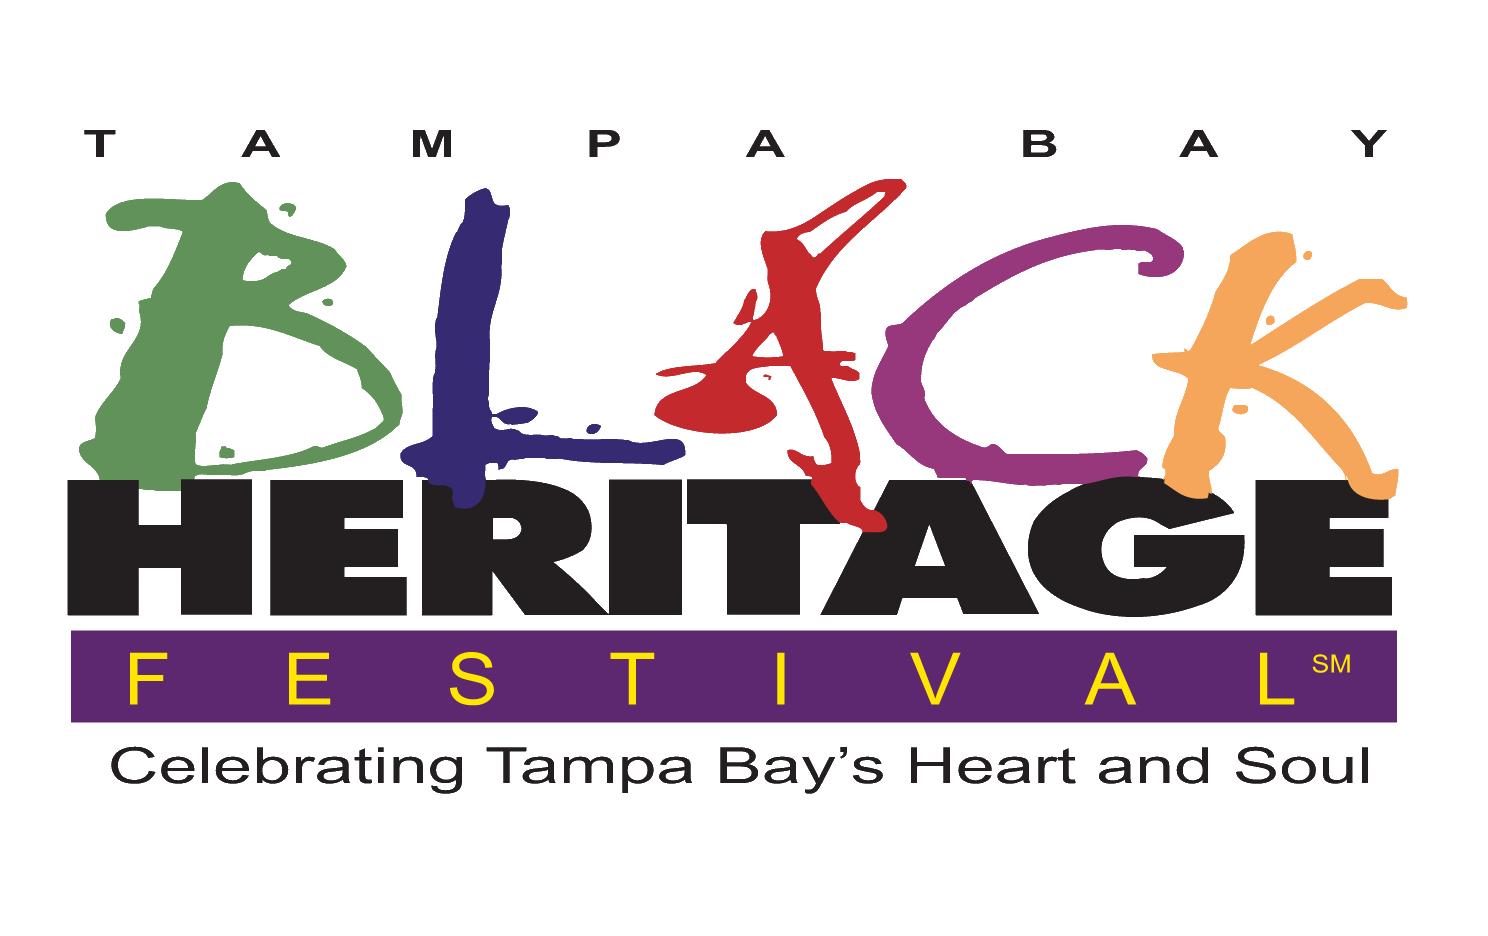 S02 Tampa Bay Black Heritage Festival